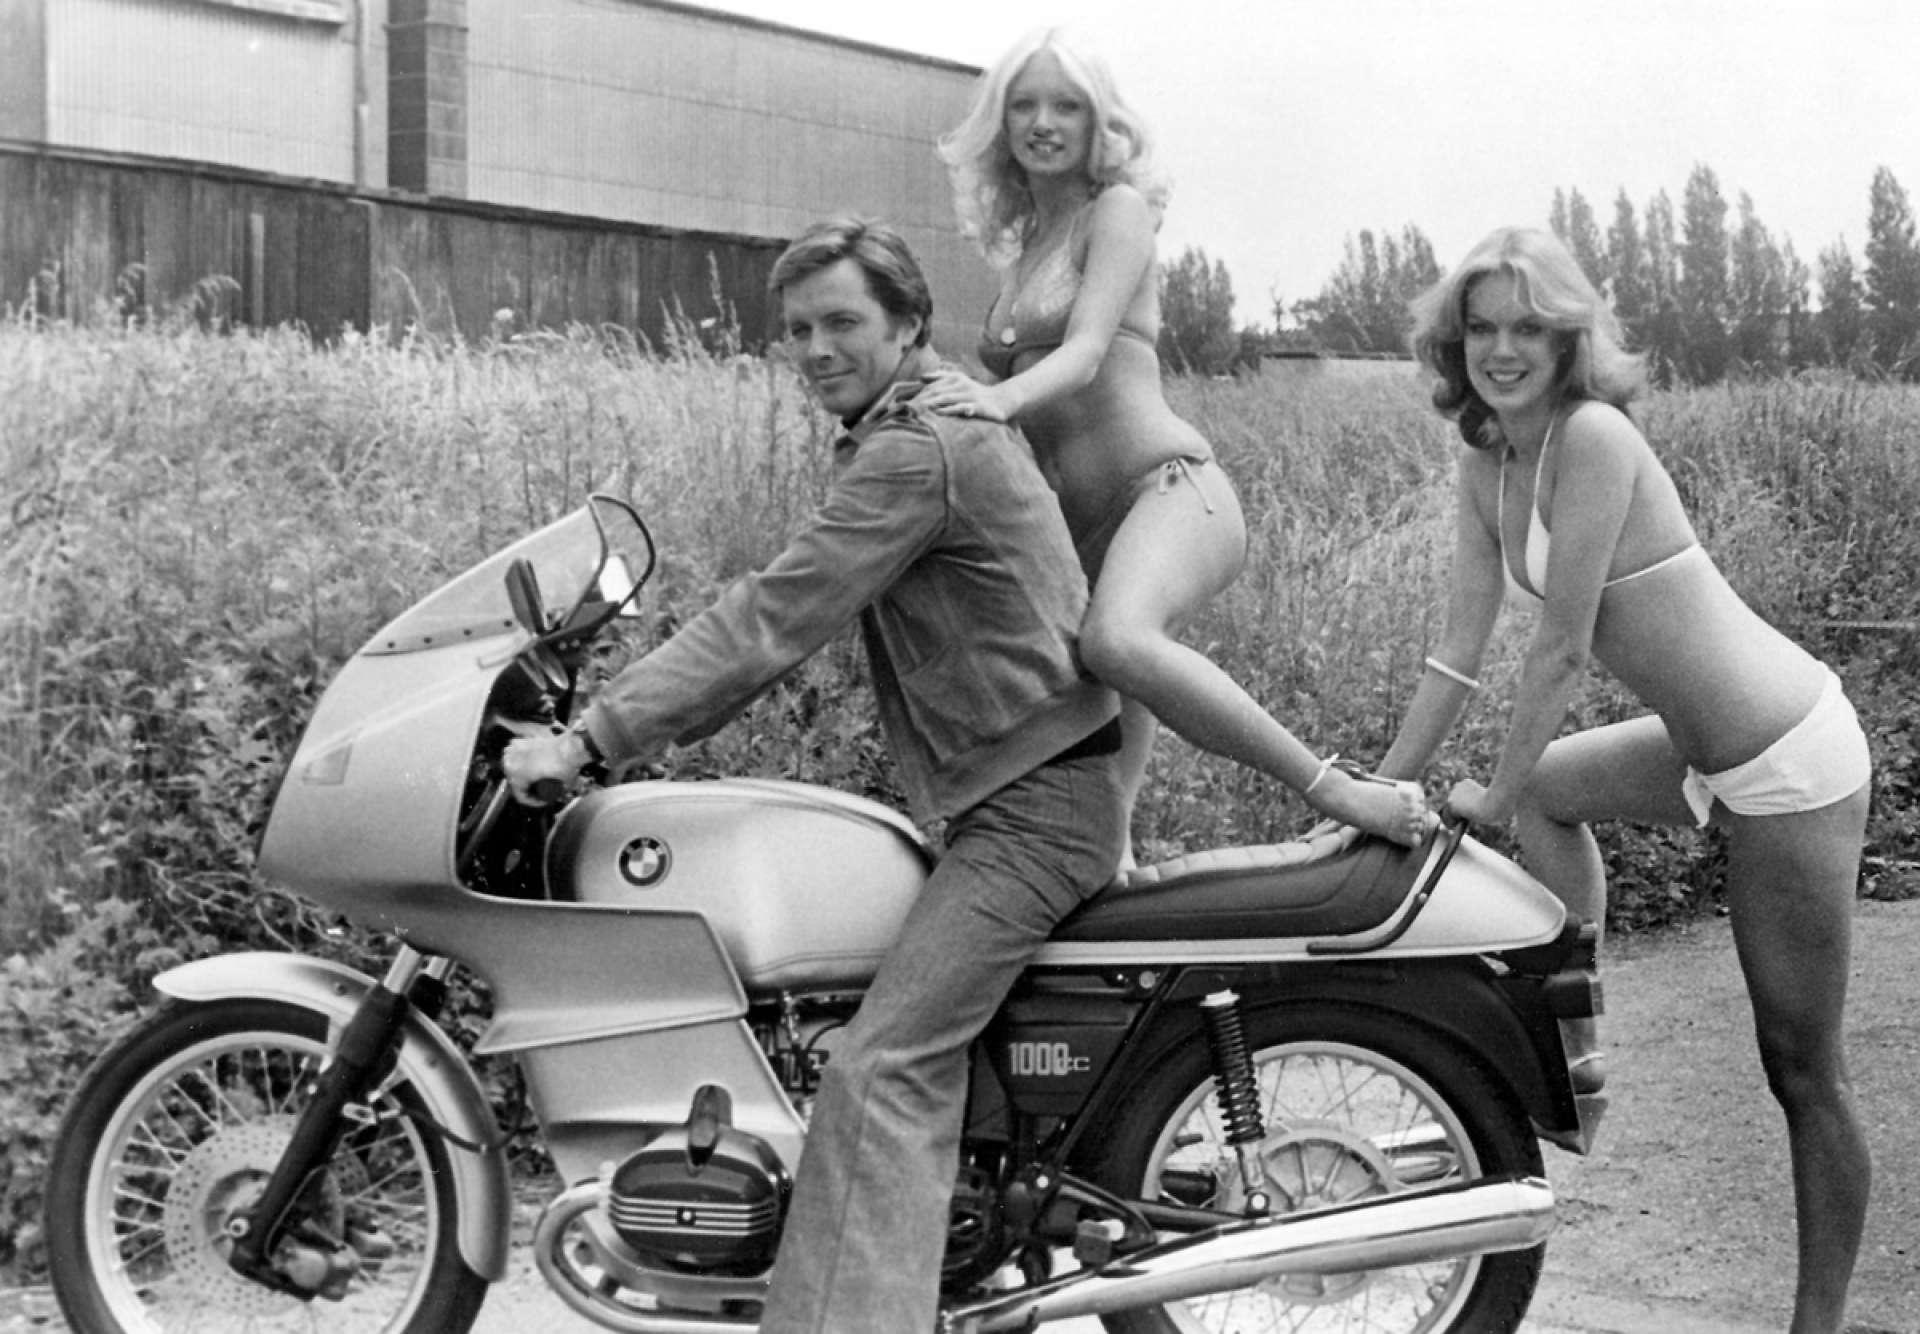 BMW Beamer Motorcycle girls